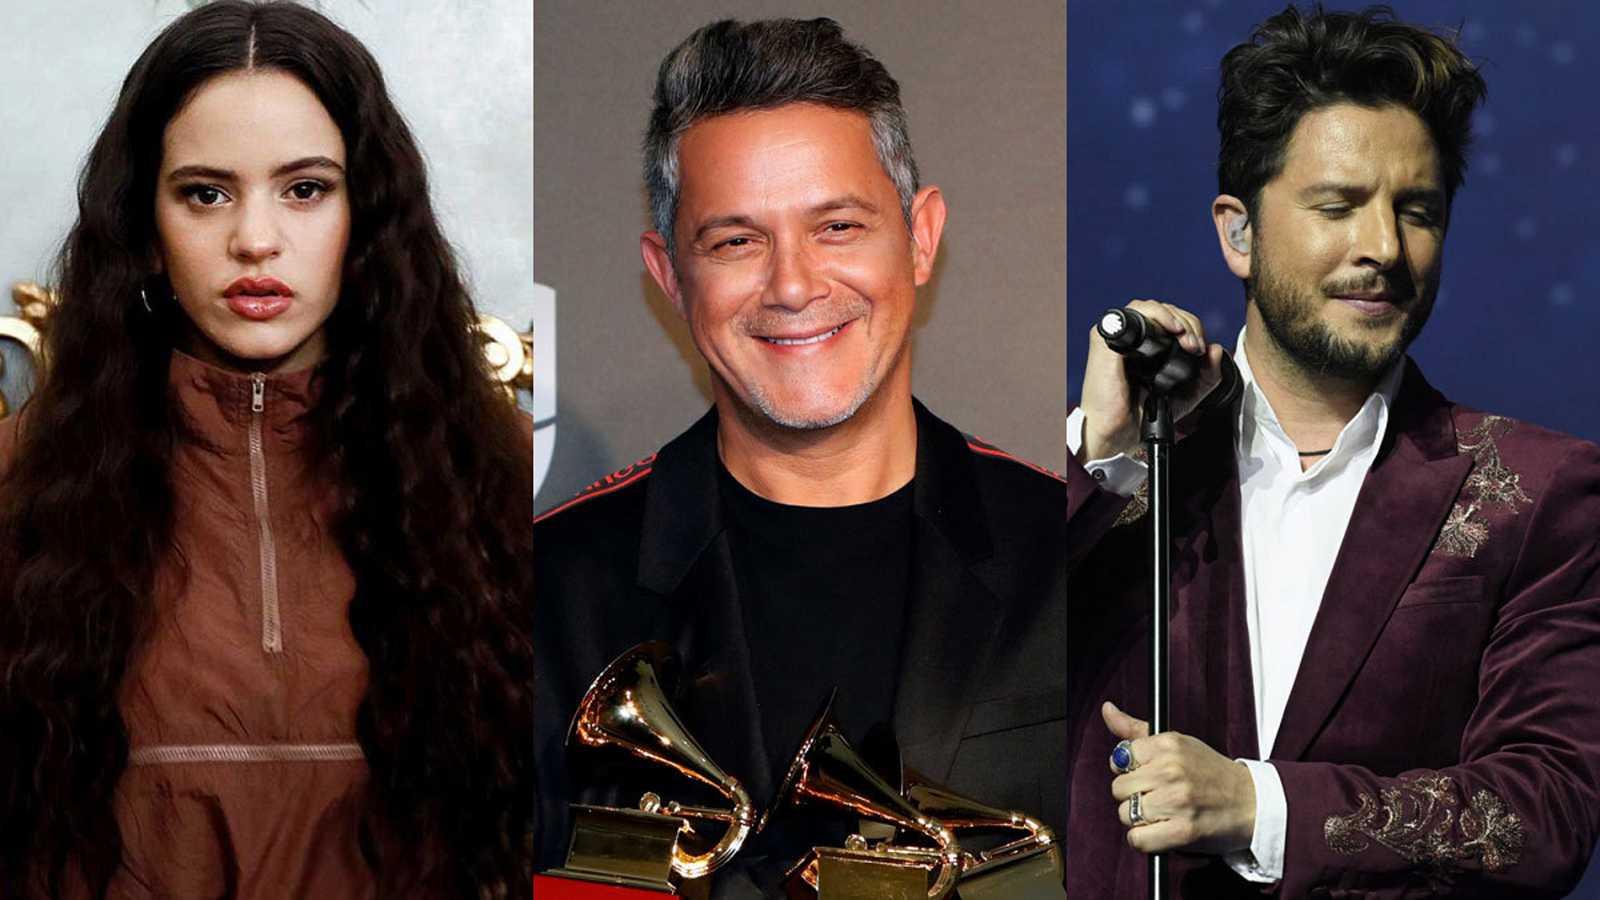 los premios Odeón de la música eligen a los favoritos del público